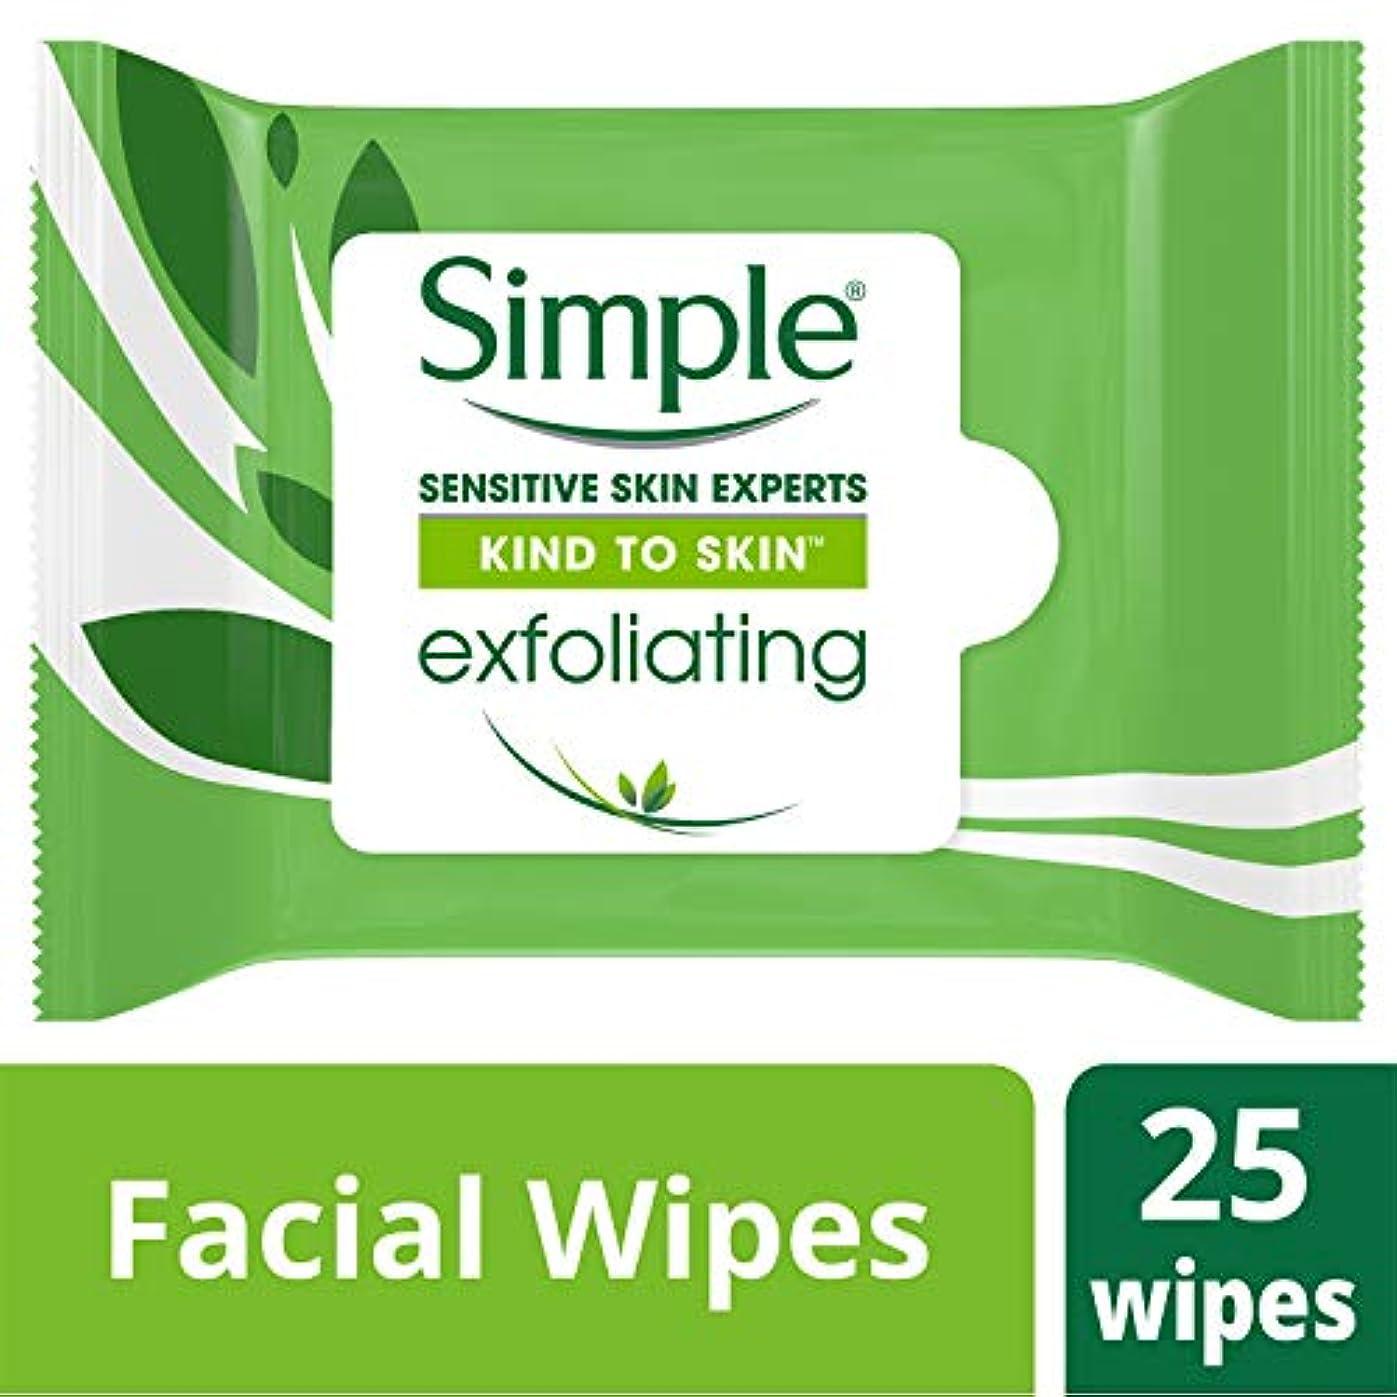 真っ逆さまプレフィックス平和Simple 25のCtを剥離皮膚に顔のワイプ、カインド 25カウント ワイプ、エクスフォリエイティング